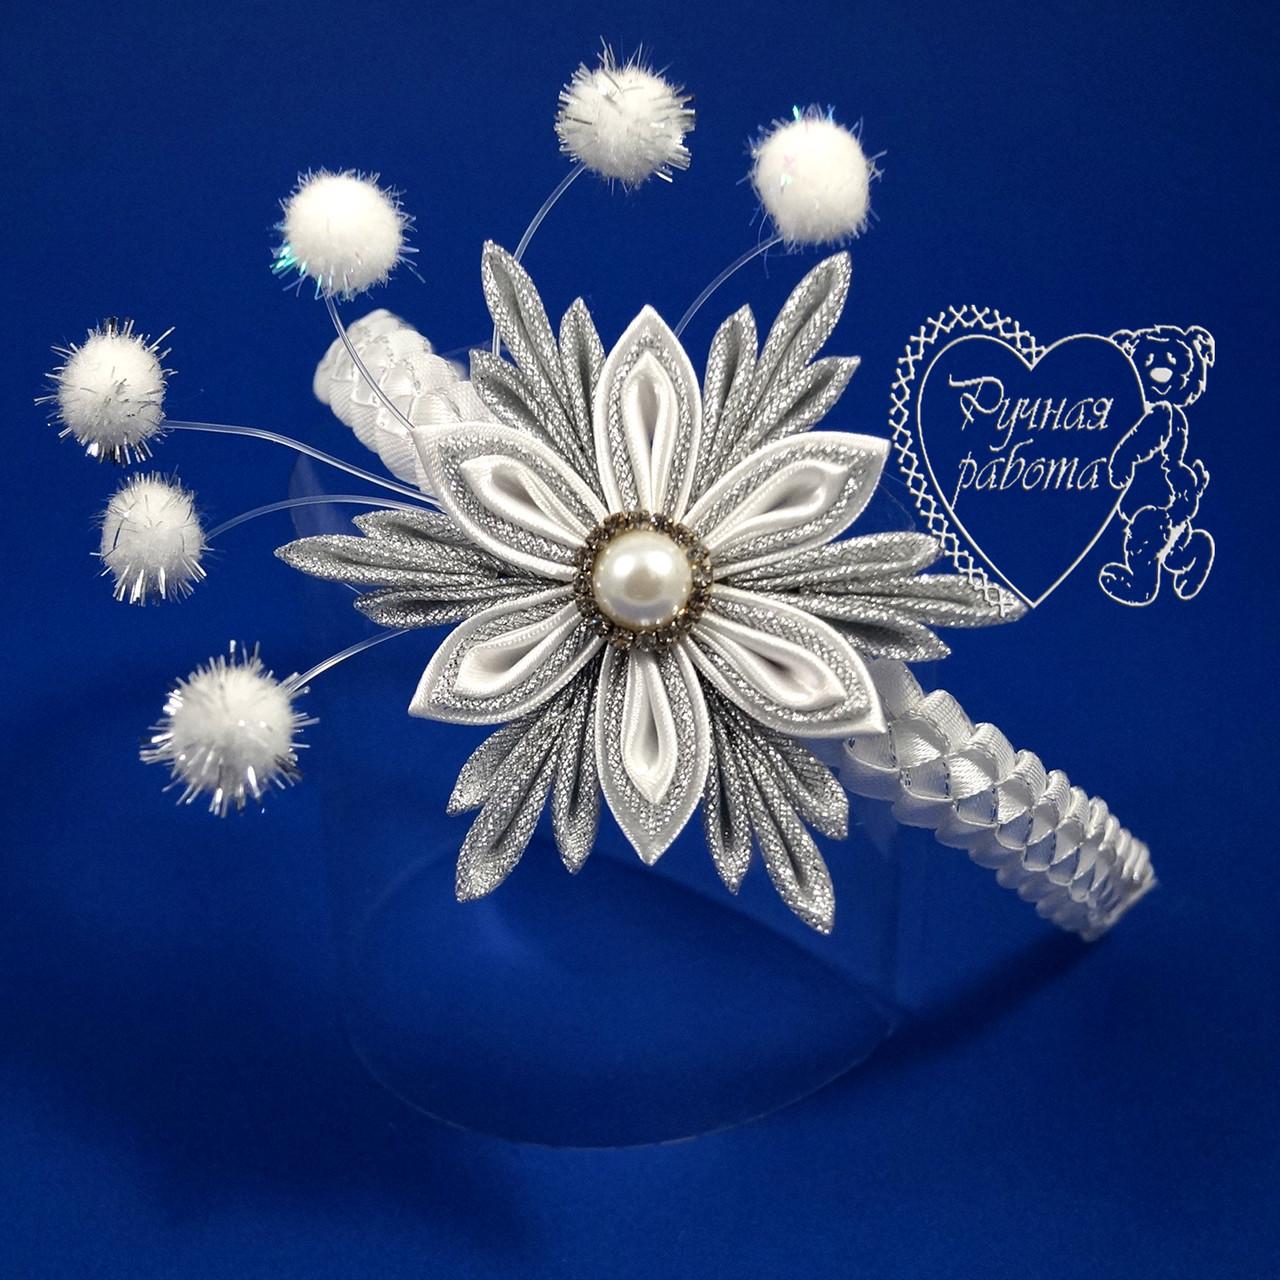 Обруч сніжинка з пампончиками, корона сніжинки